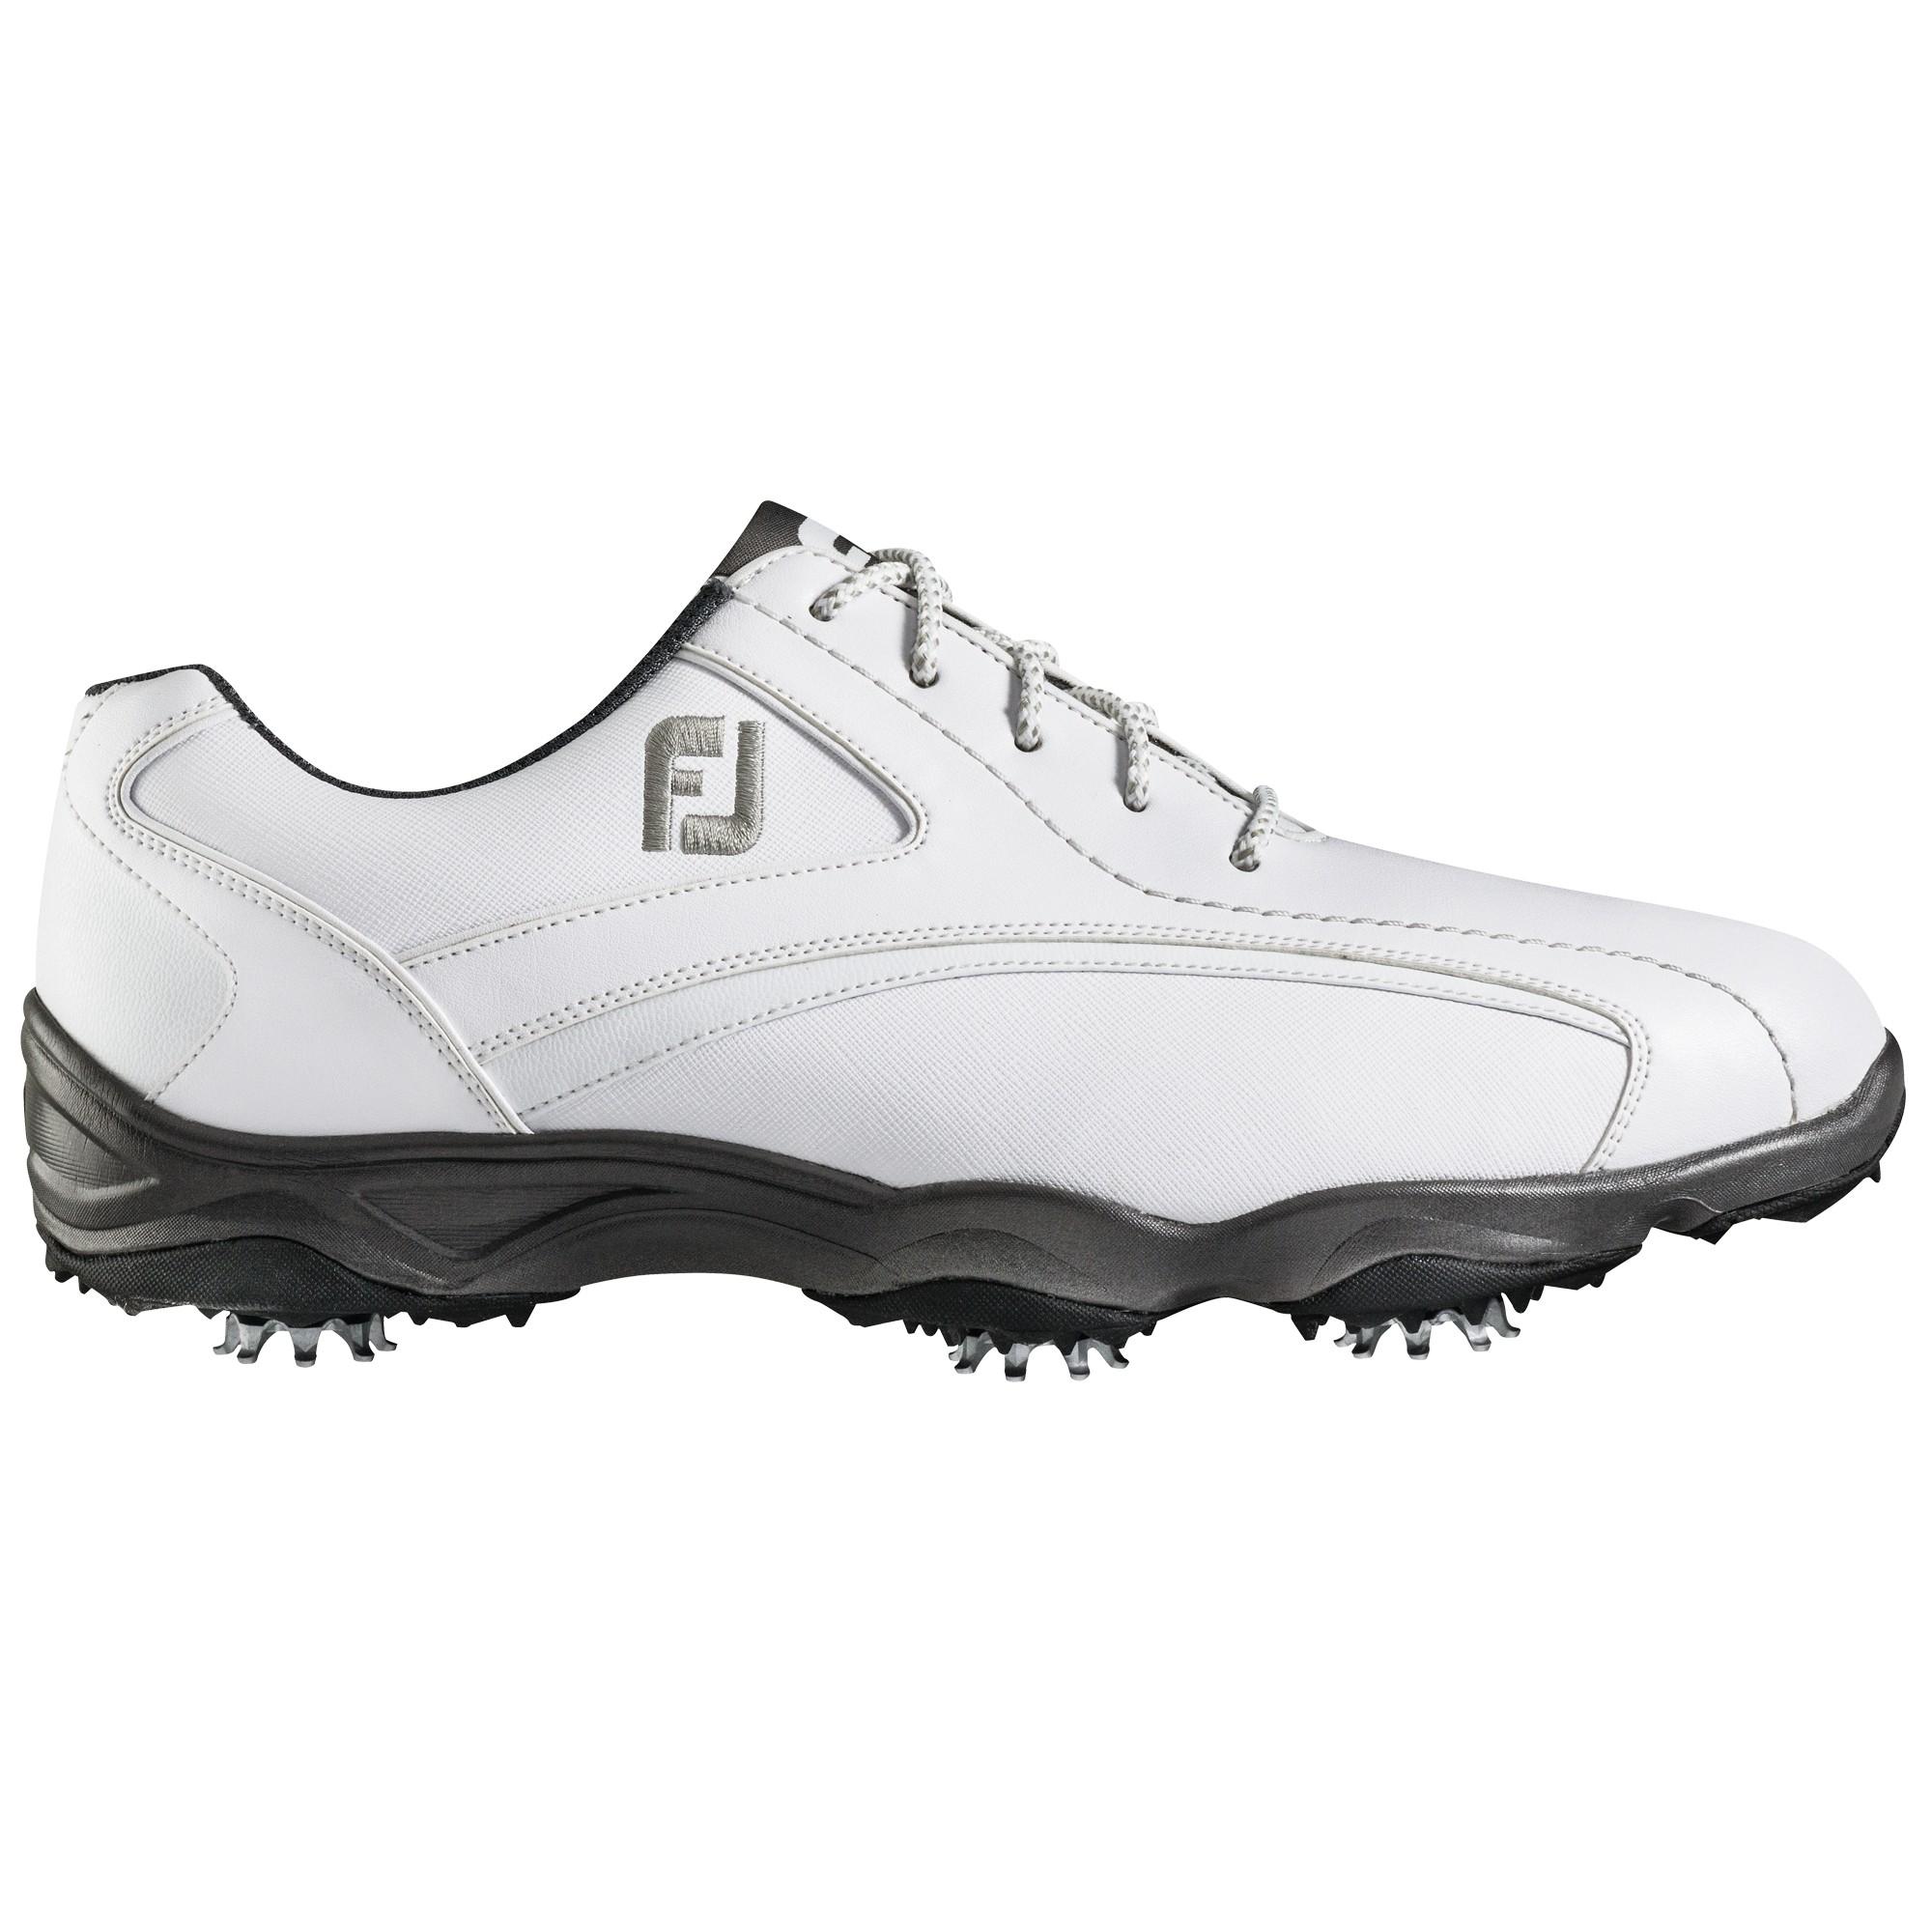 Details Footjoy Mens Superlites Golf Shoes